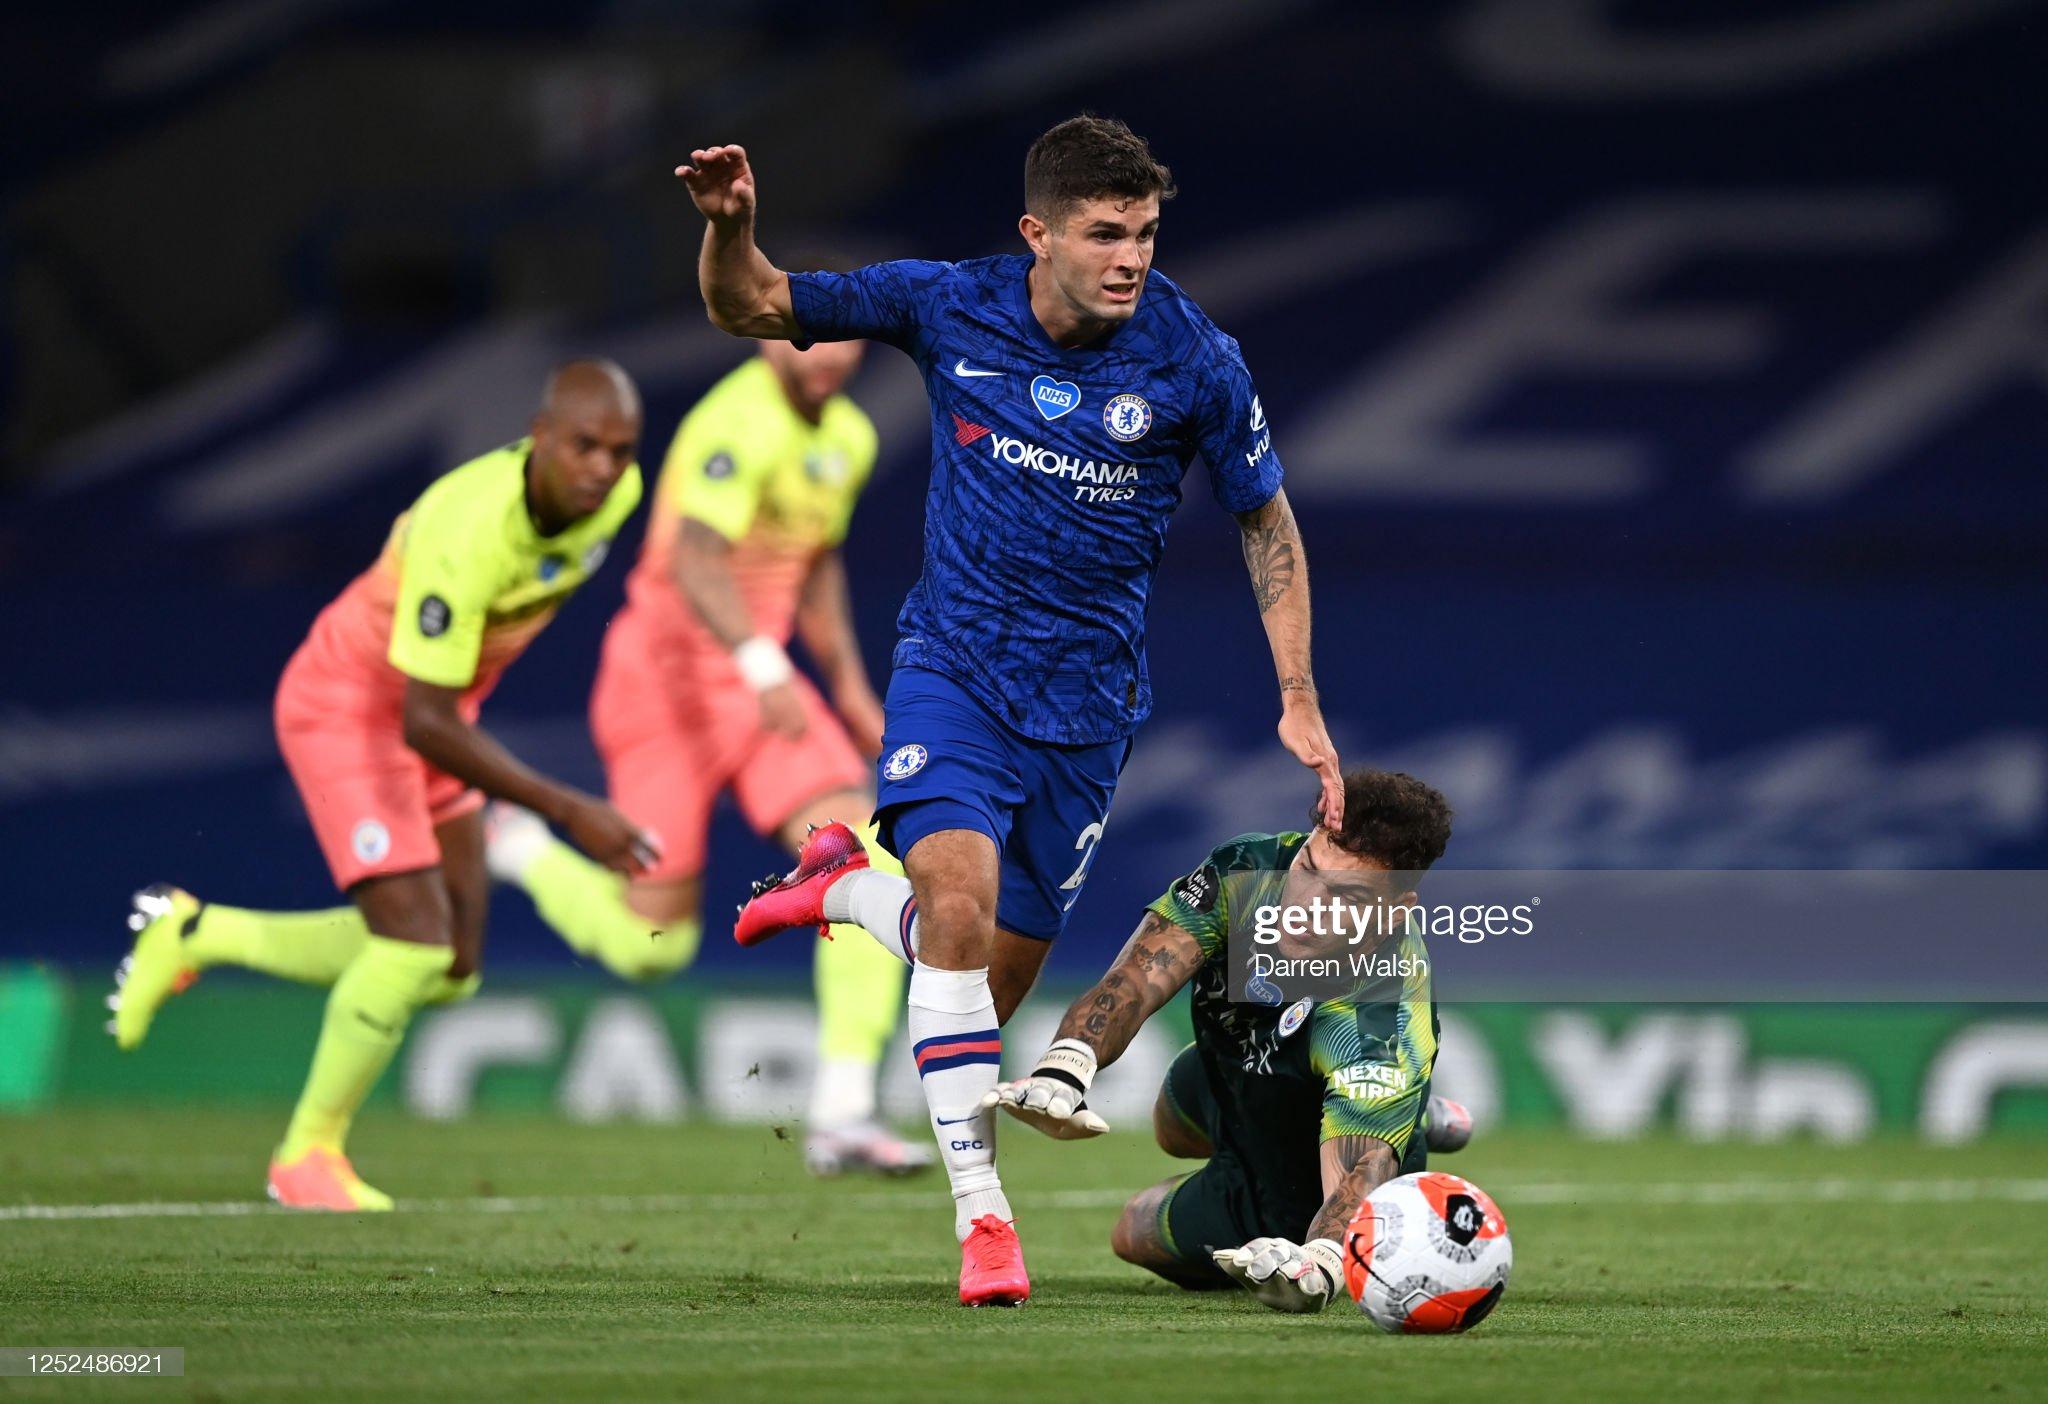 Chelsea FC v Manchester City - Premier League : News Photo